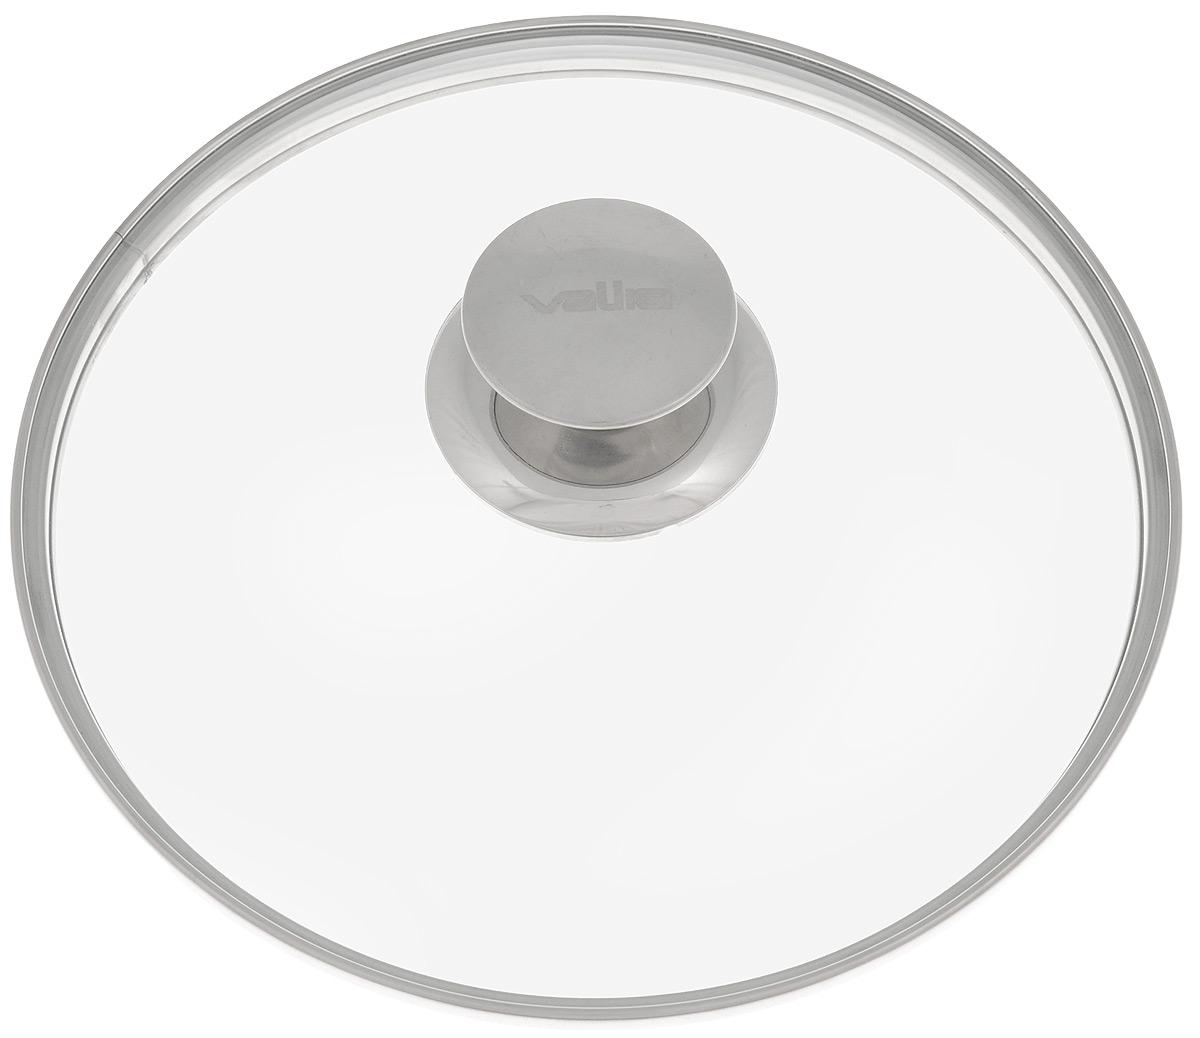 Крышка Valira, диаметр 22 см4901Крышка Valira изготовлена из жаропрочного стекла с ободом и ручкой из нержавеющей стали. Окантовка предохраняет от механических повреждений. Изделие удобно в использовании и позволяет контролировать процесс приготовления пищи. Можно мыть в посудомоечной машине.